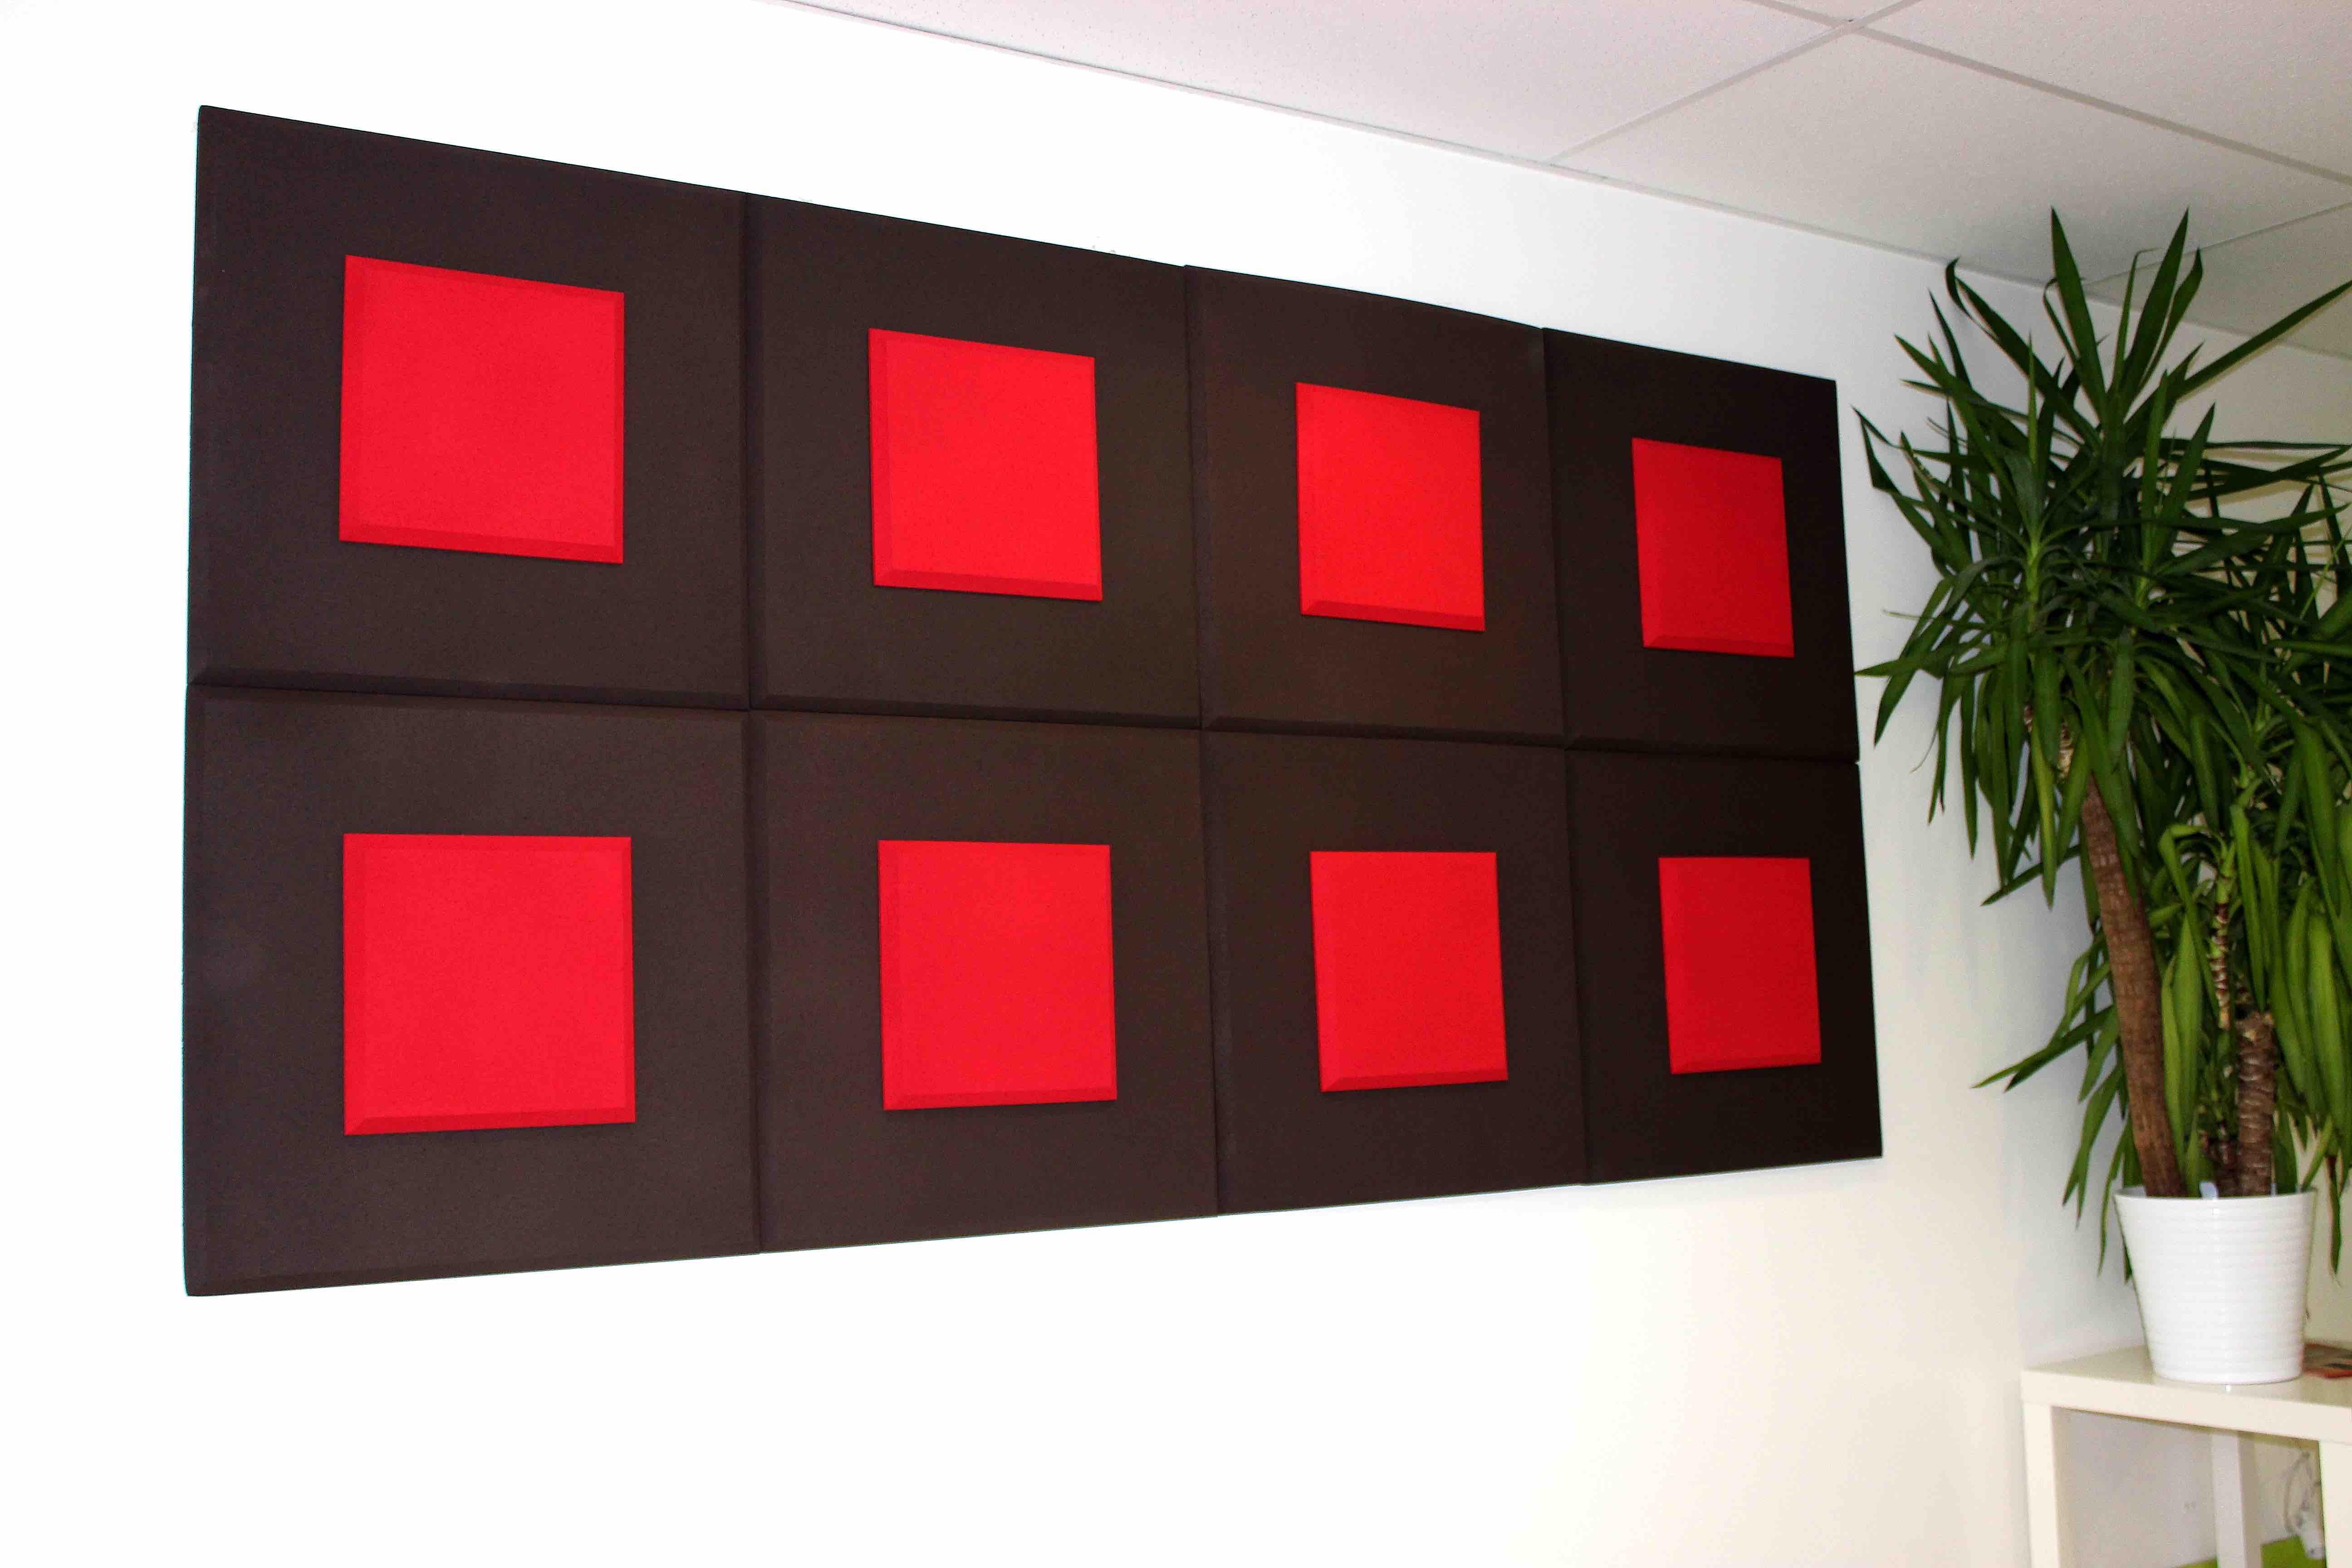 panneau acoustique absorbruit 3d. Black Bedroom Furniture Sets. Home Design Ideas